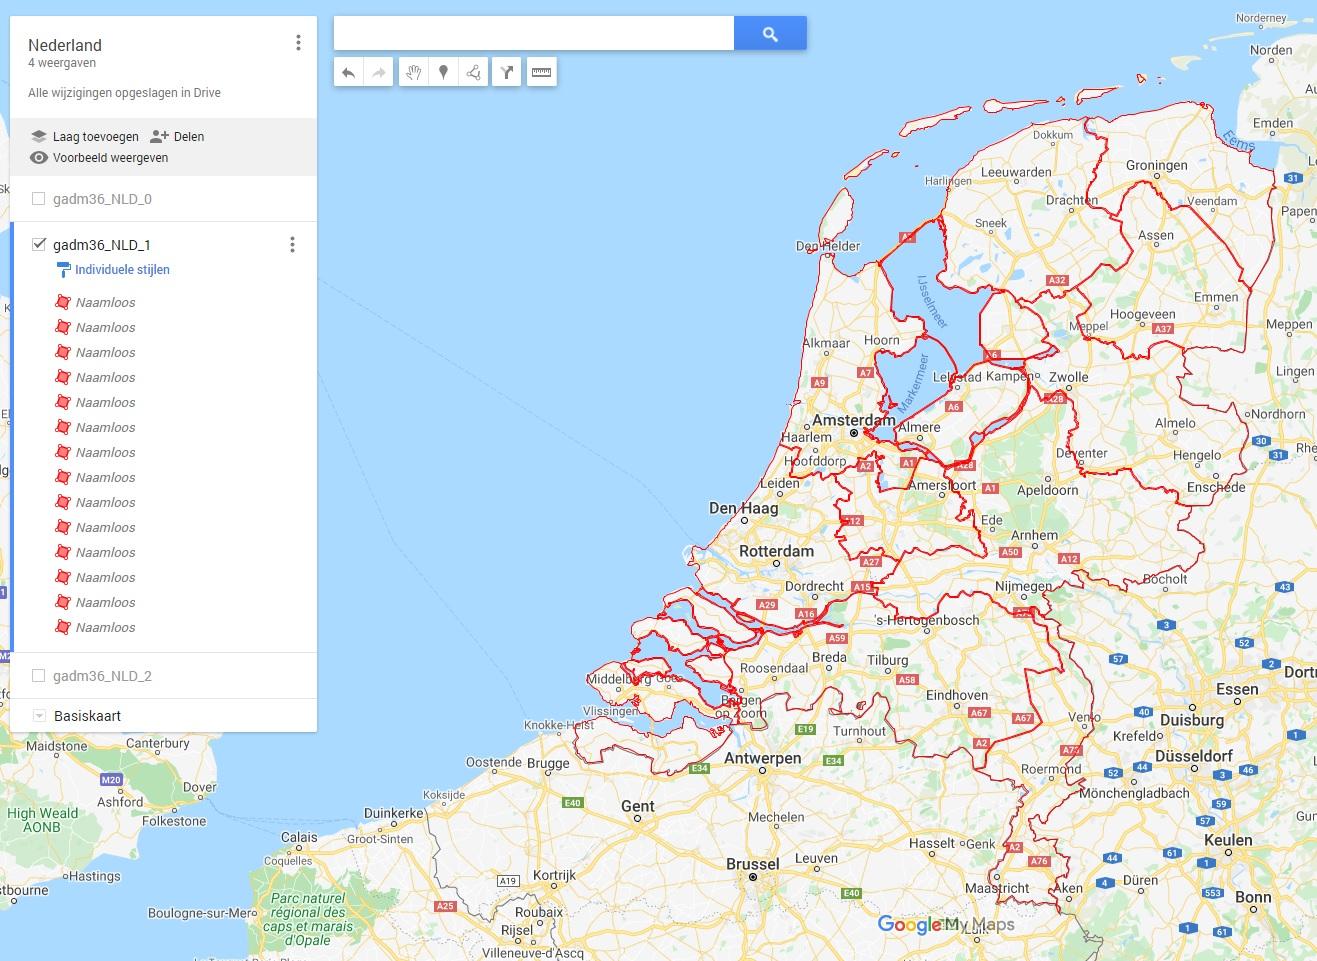 Nederland level 1